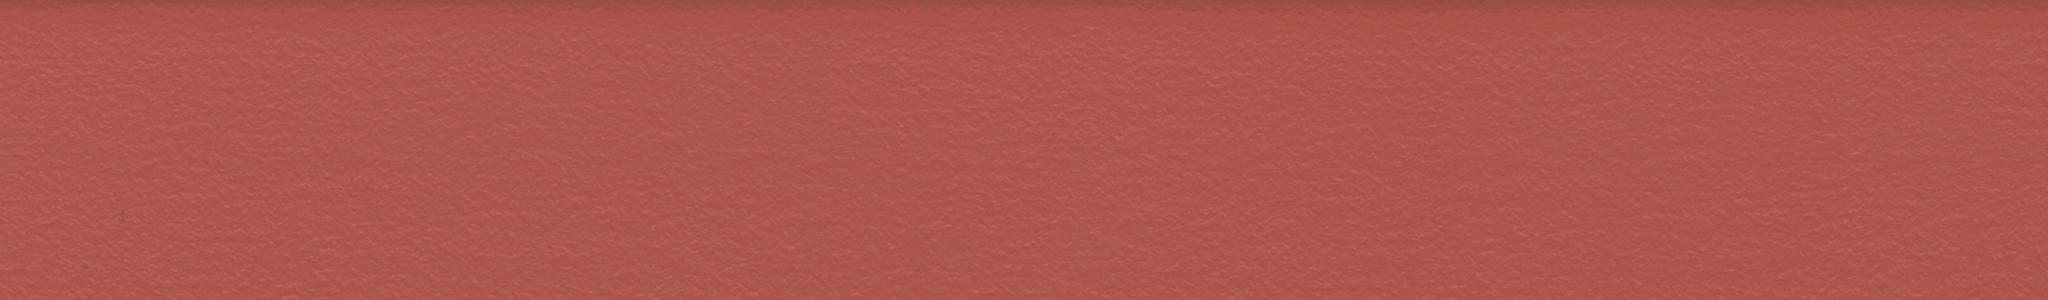 HU 130216 Bordo ABS Rosso Perla Morbida107